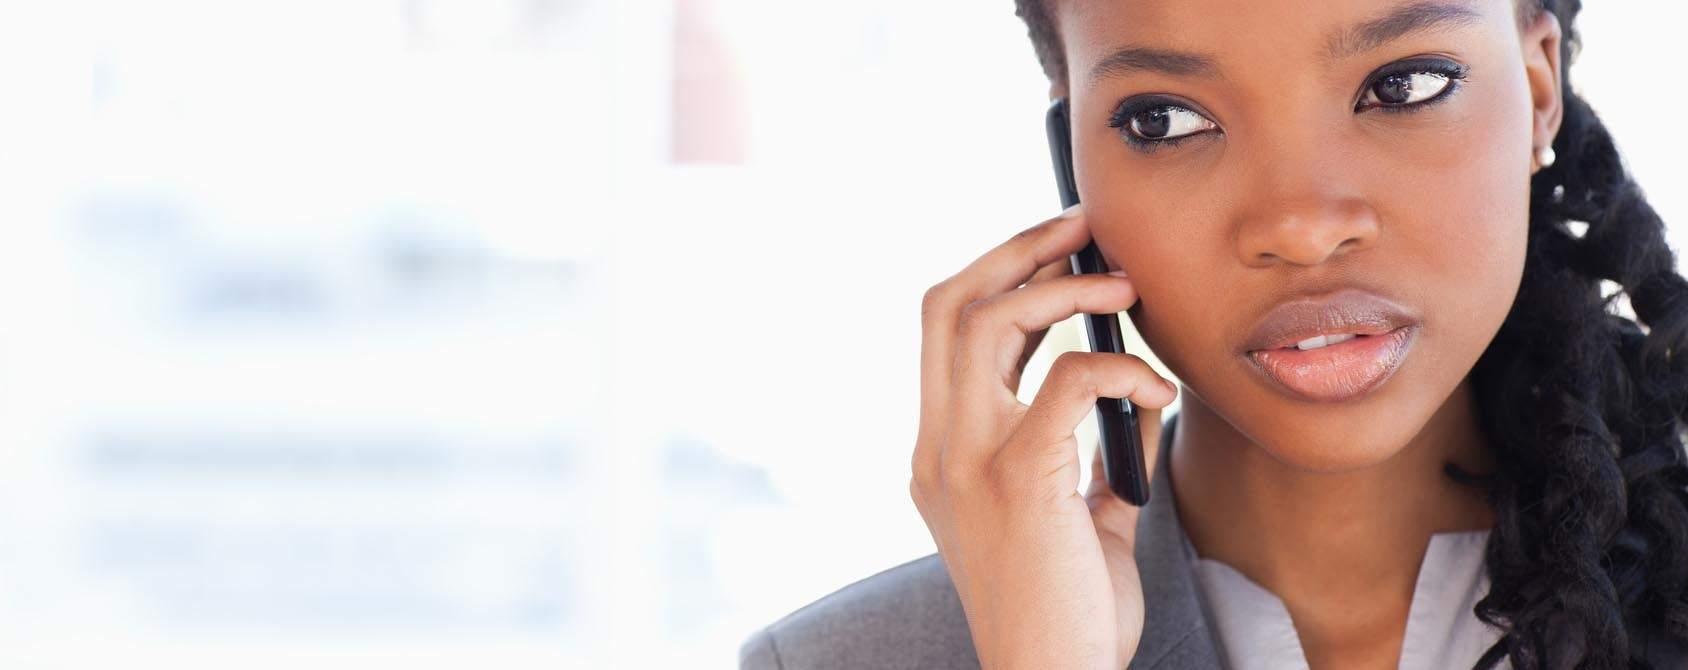 Você sabe a diferença entre telemarketing ativo, e telemarketing passivo?